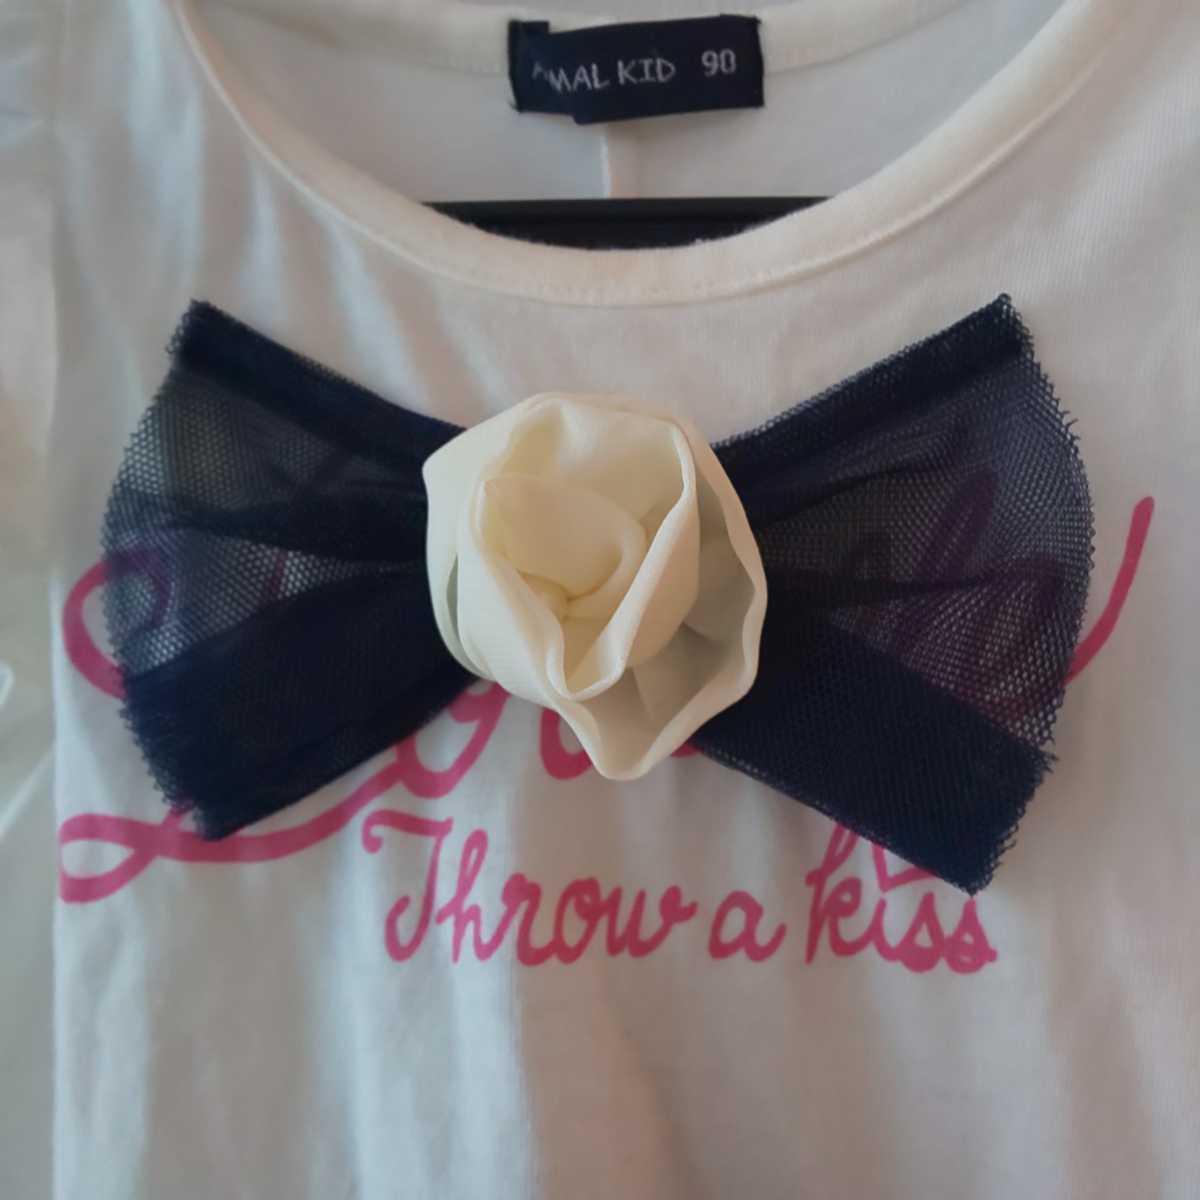 ワンコイン 送料無料 90cm ノースリーブチュニック 半袖Tシャツ ワンピース キッズ服 女の子 ひらひら リボン 可愛い 夏服 yuzu10sogo03